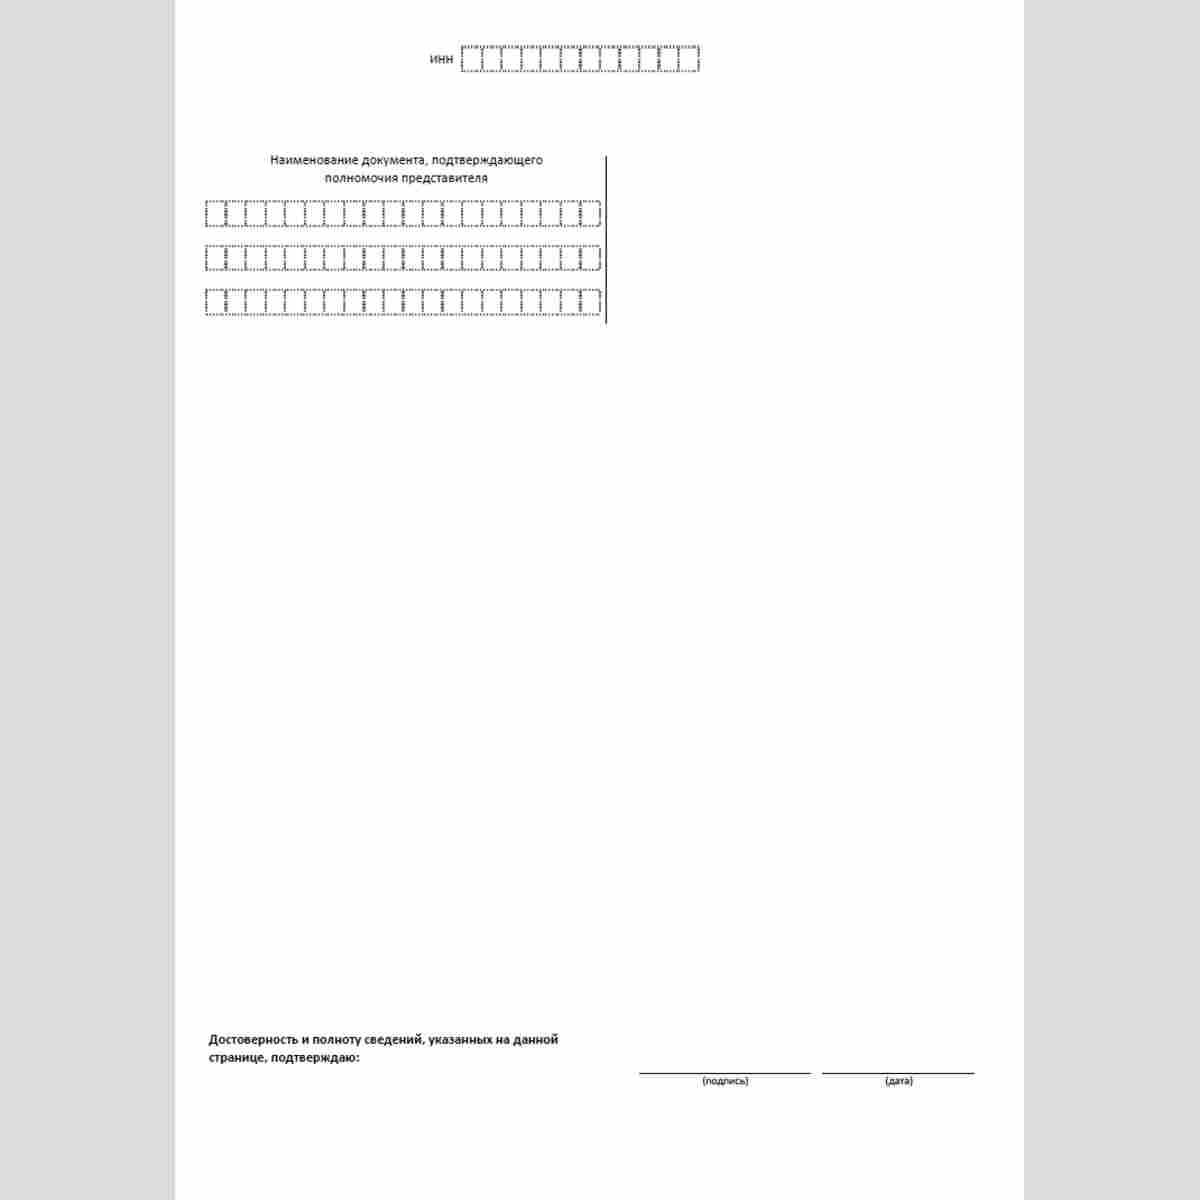 """Форма КНД 1110062 """"Заявление о снятии контрольно-кассовой техники с регистрационного учета"""". Стр 2"""